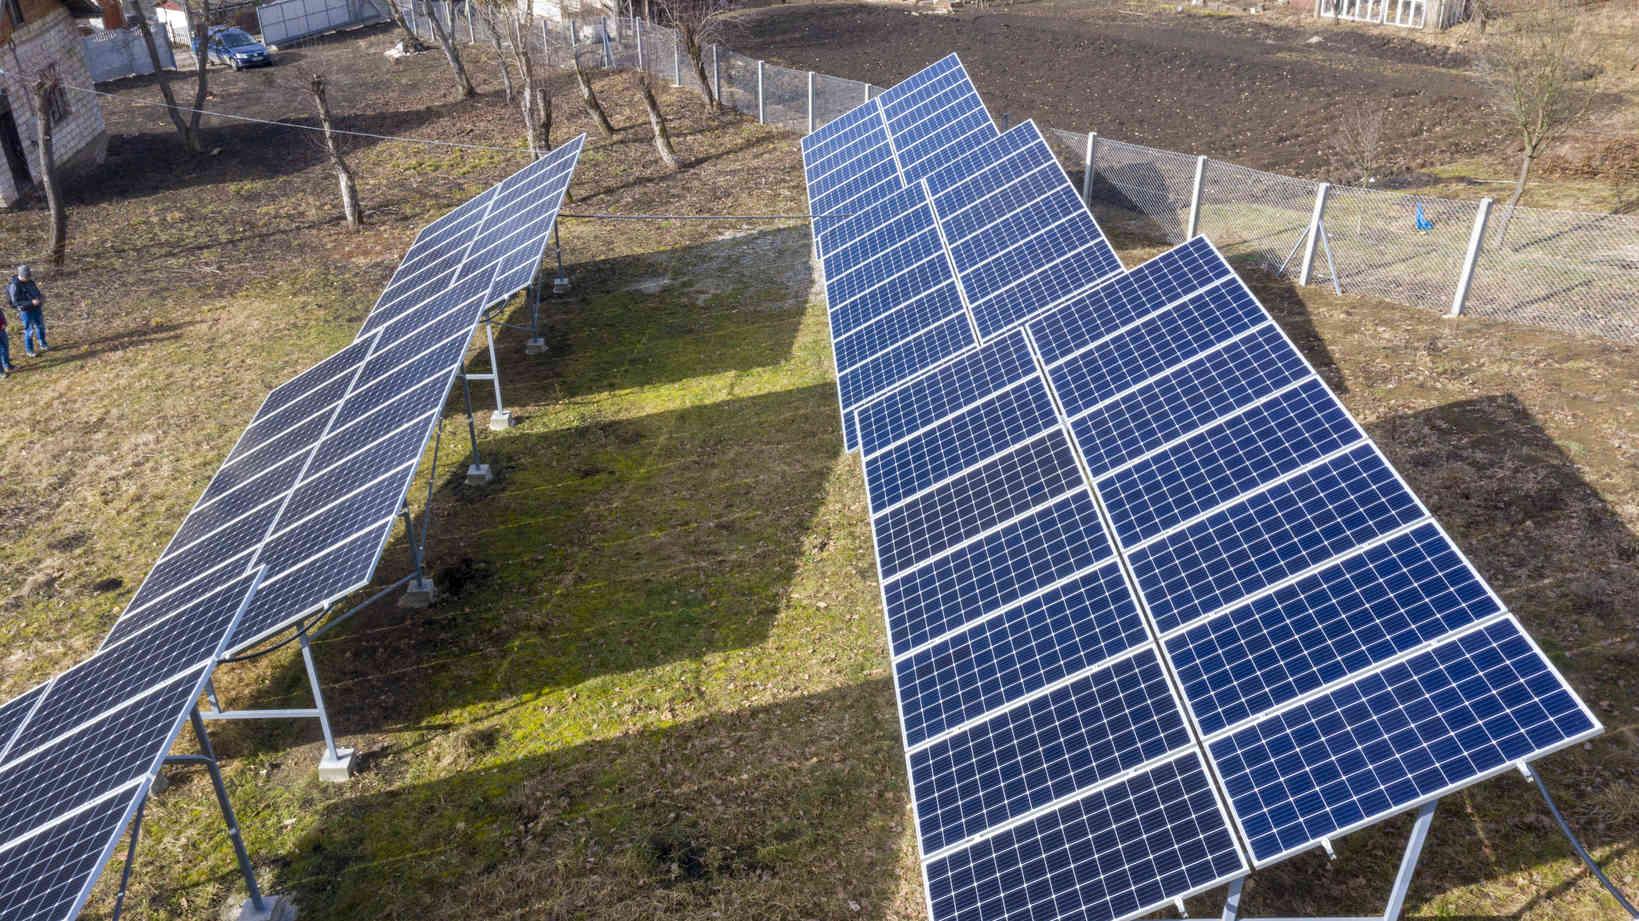 Мережева сонячна електростанція (СЕС) потужністю 38,64 кВт – Фотозвіт #4